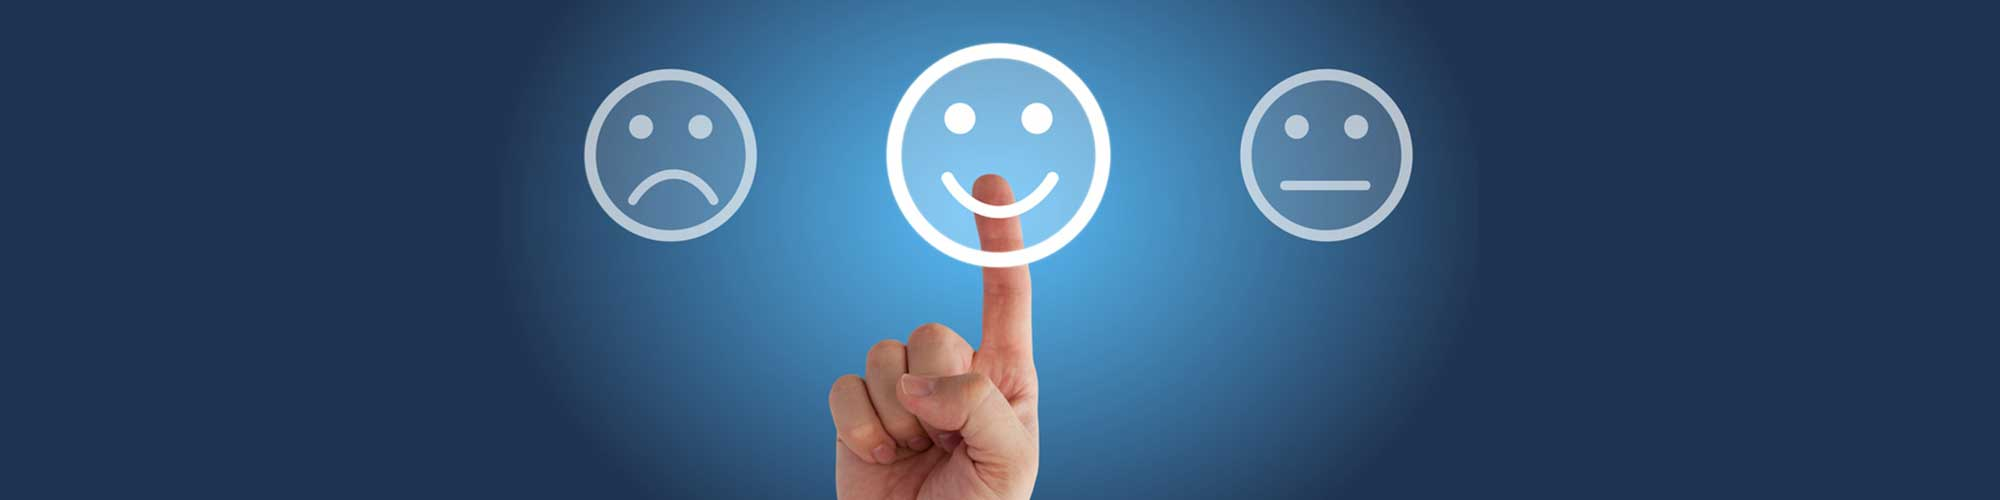 Betreuung, Pflege und Wartung von Webseiten